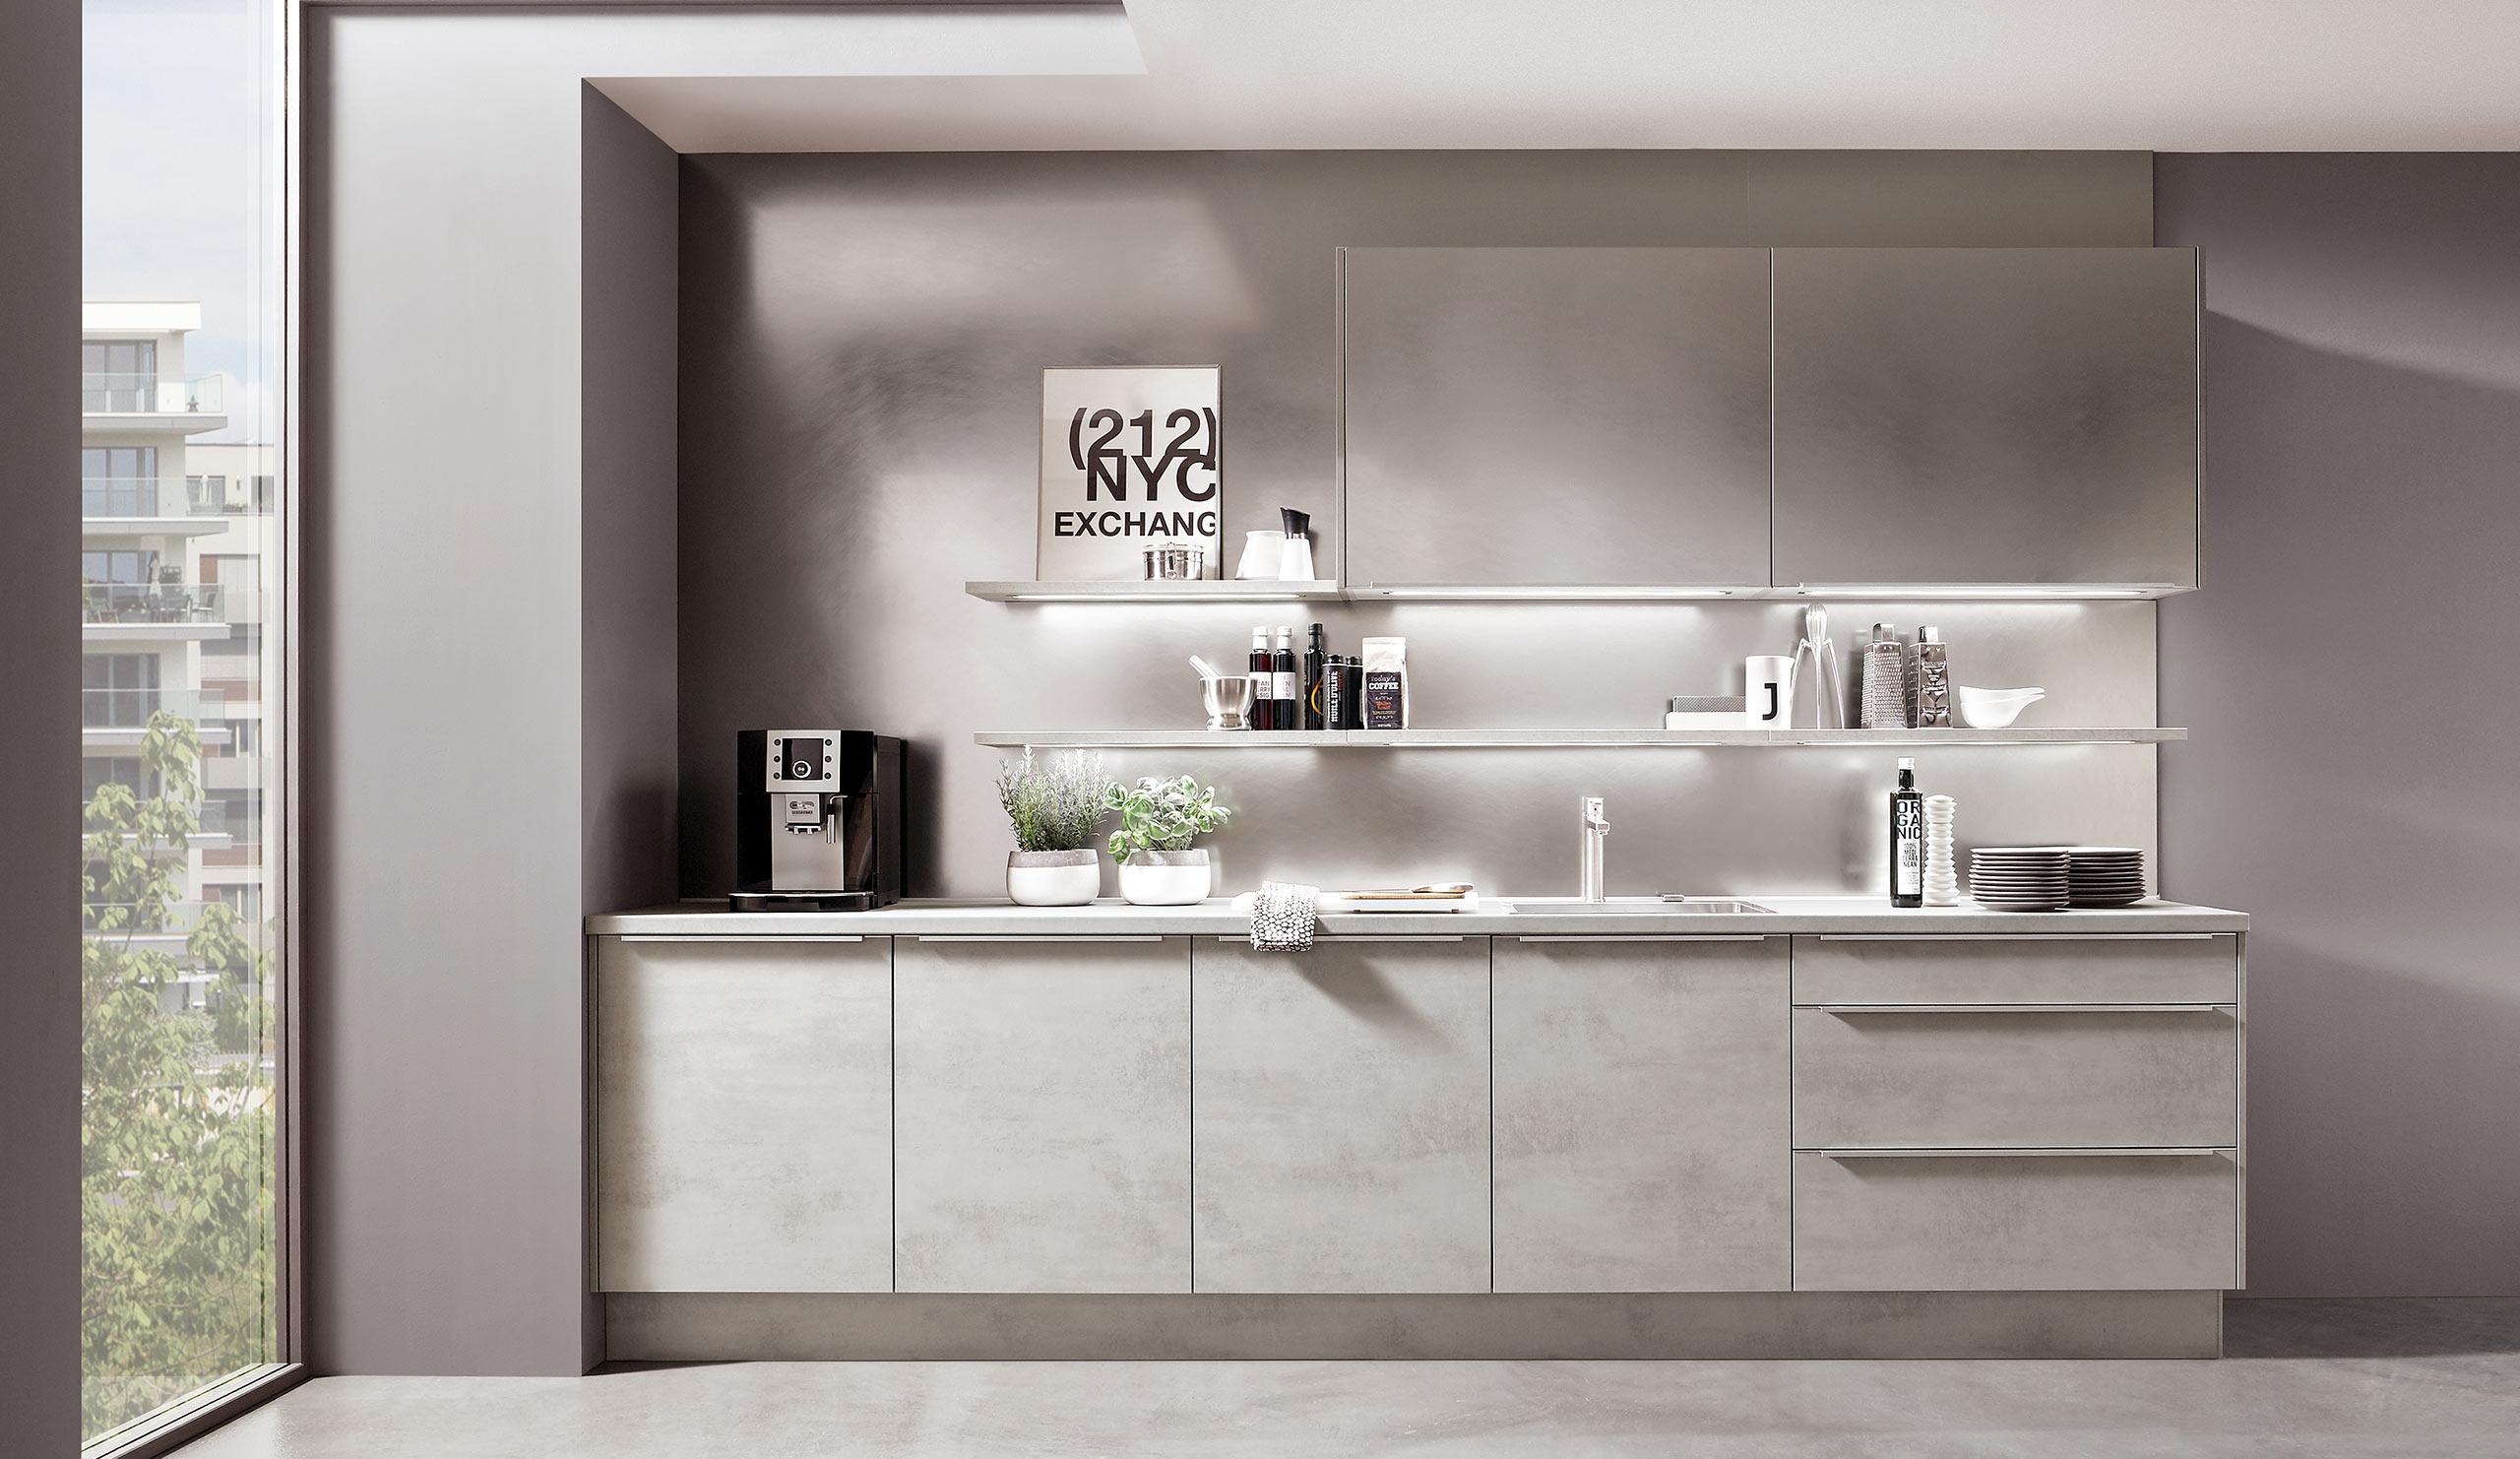 Full Size of Küchen Quelle Moderne Einbaukche Norina 2371 Beton Grau Nachbildung Kchenquelle Regal Wohnzimmer Küchen Quelle